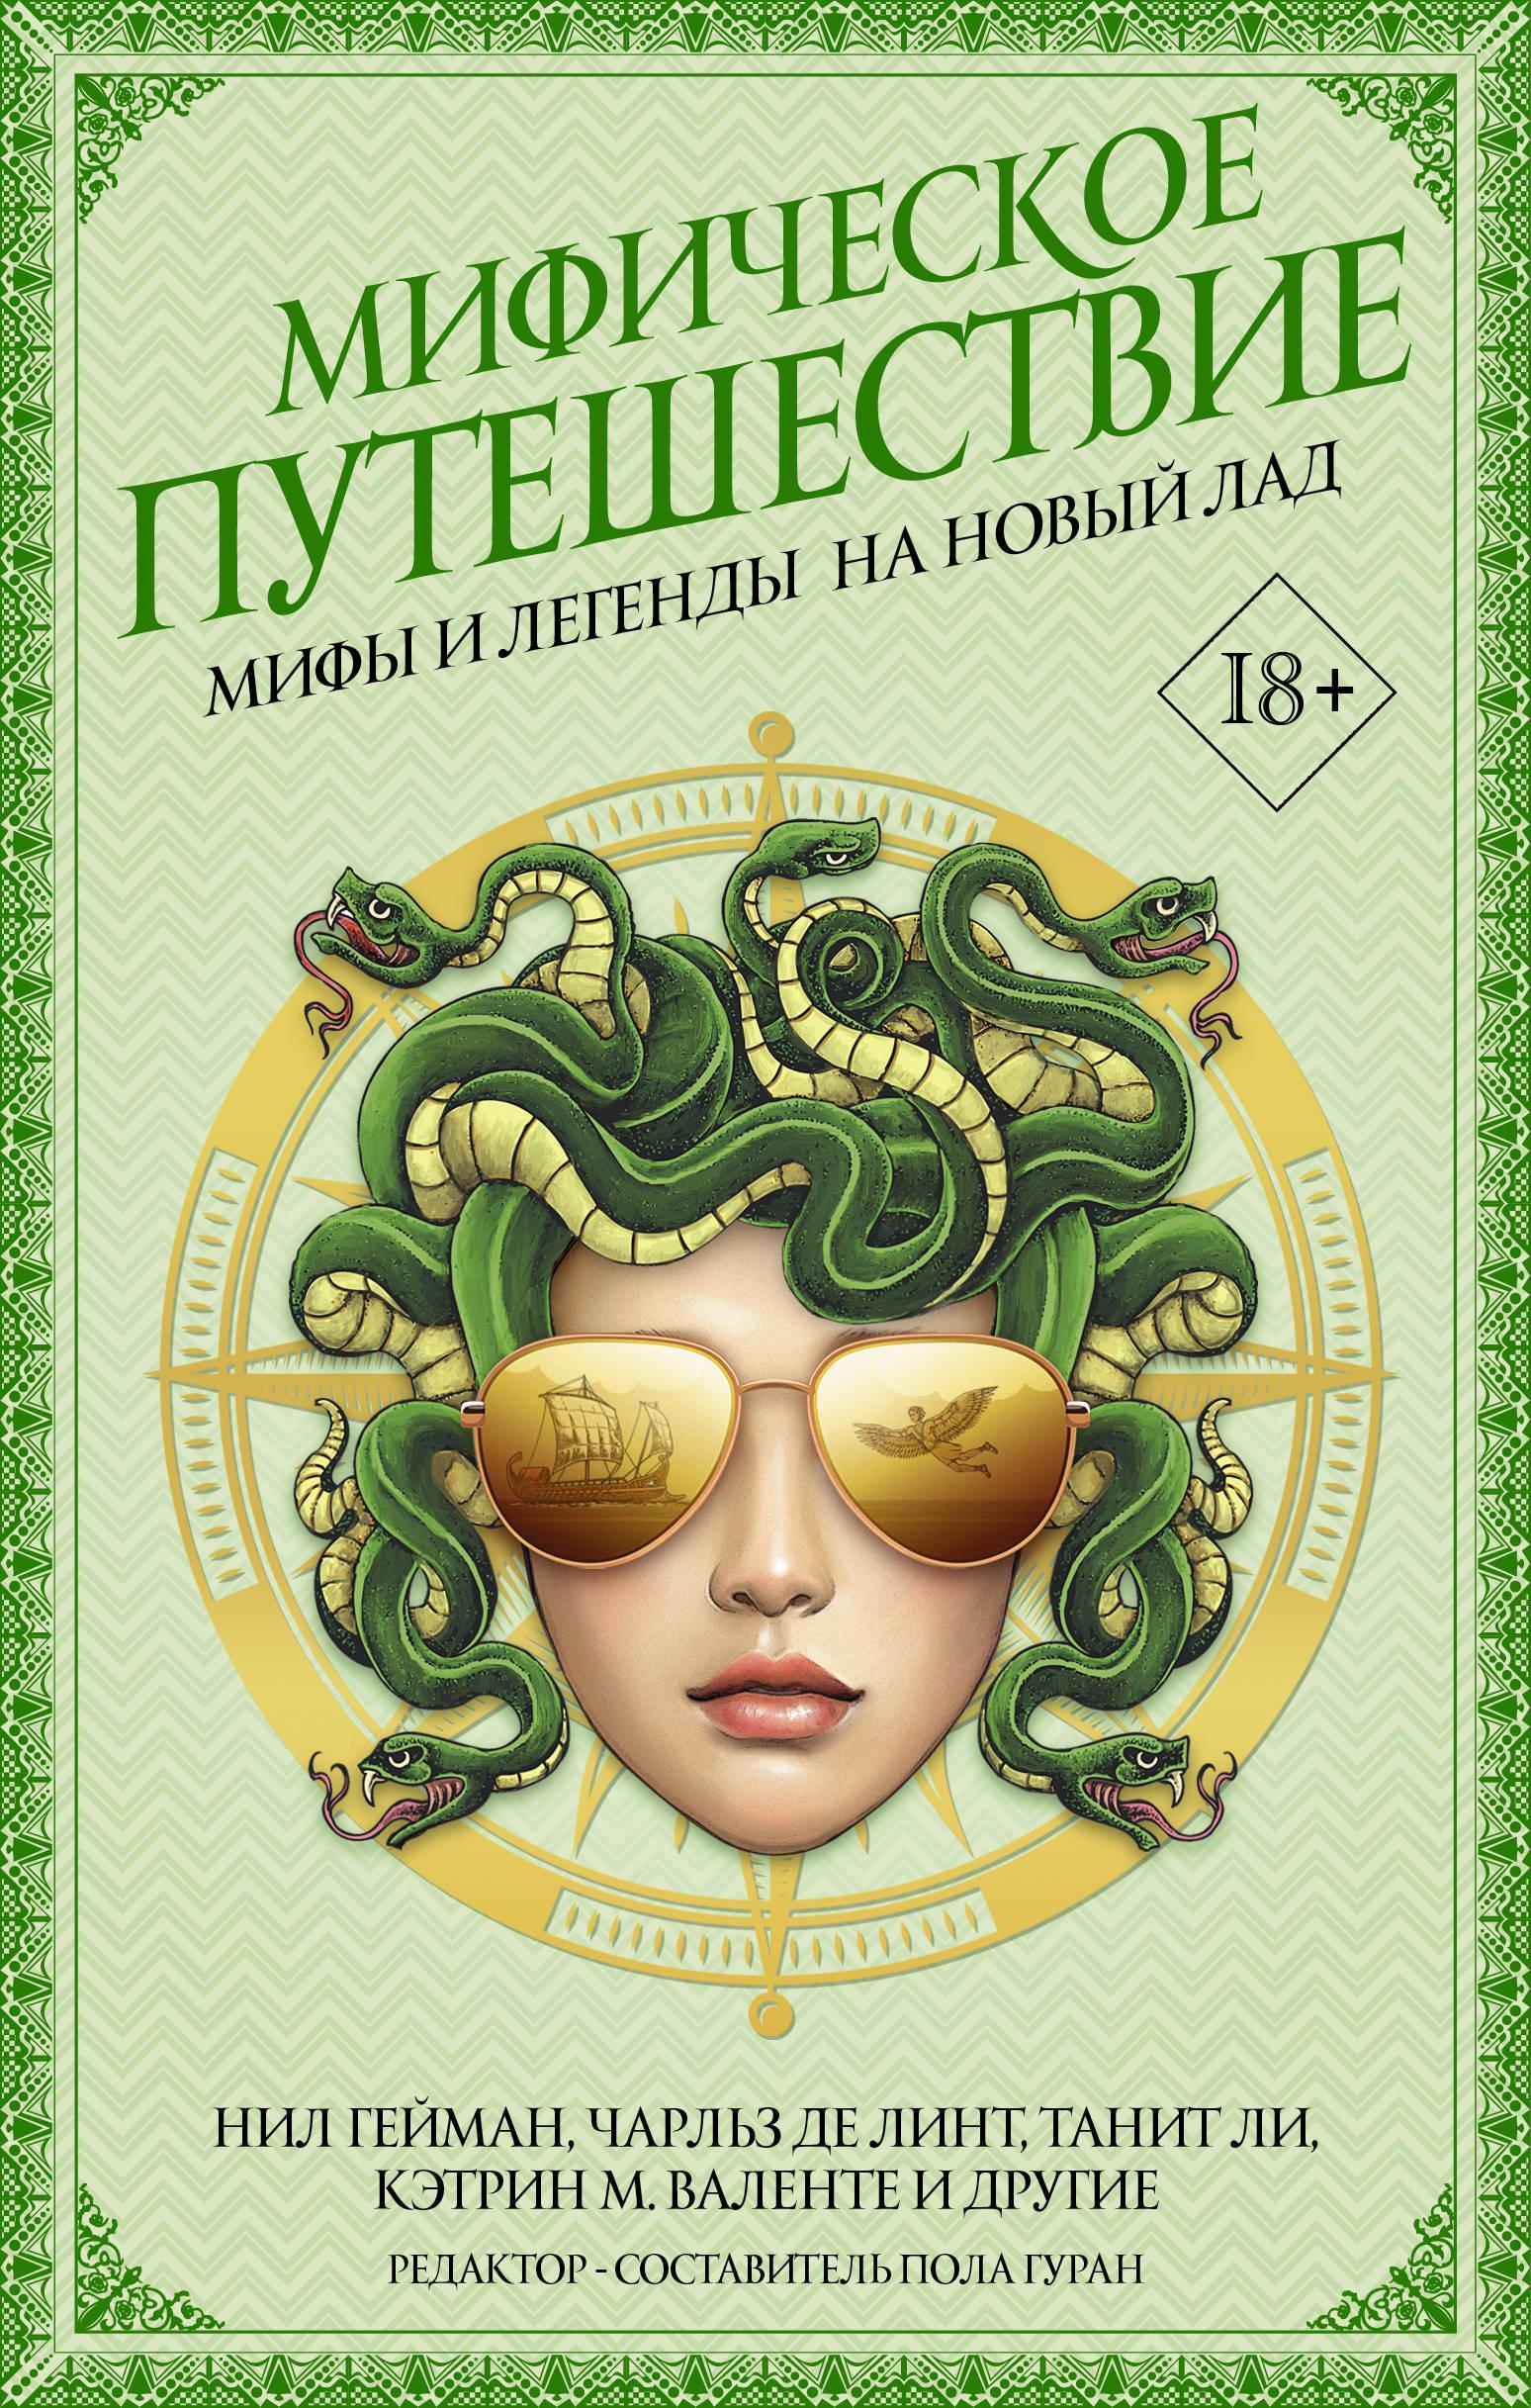 «Мифическое путешествие. Мифы и легенды на новый лад»: Древние сказания в декорациях современности и фантастического будущего 1